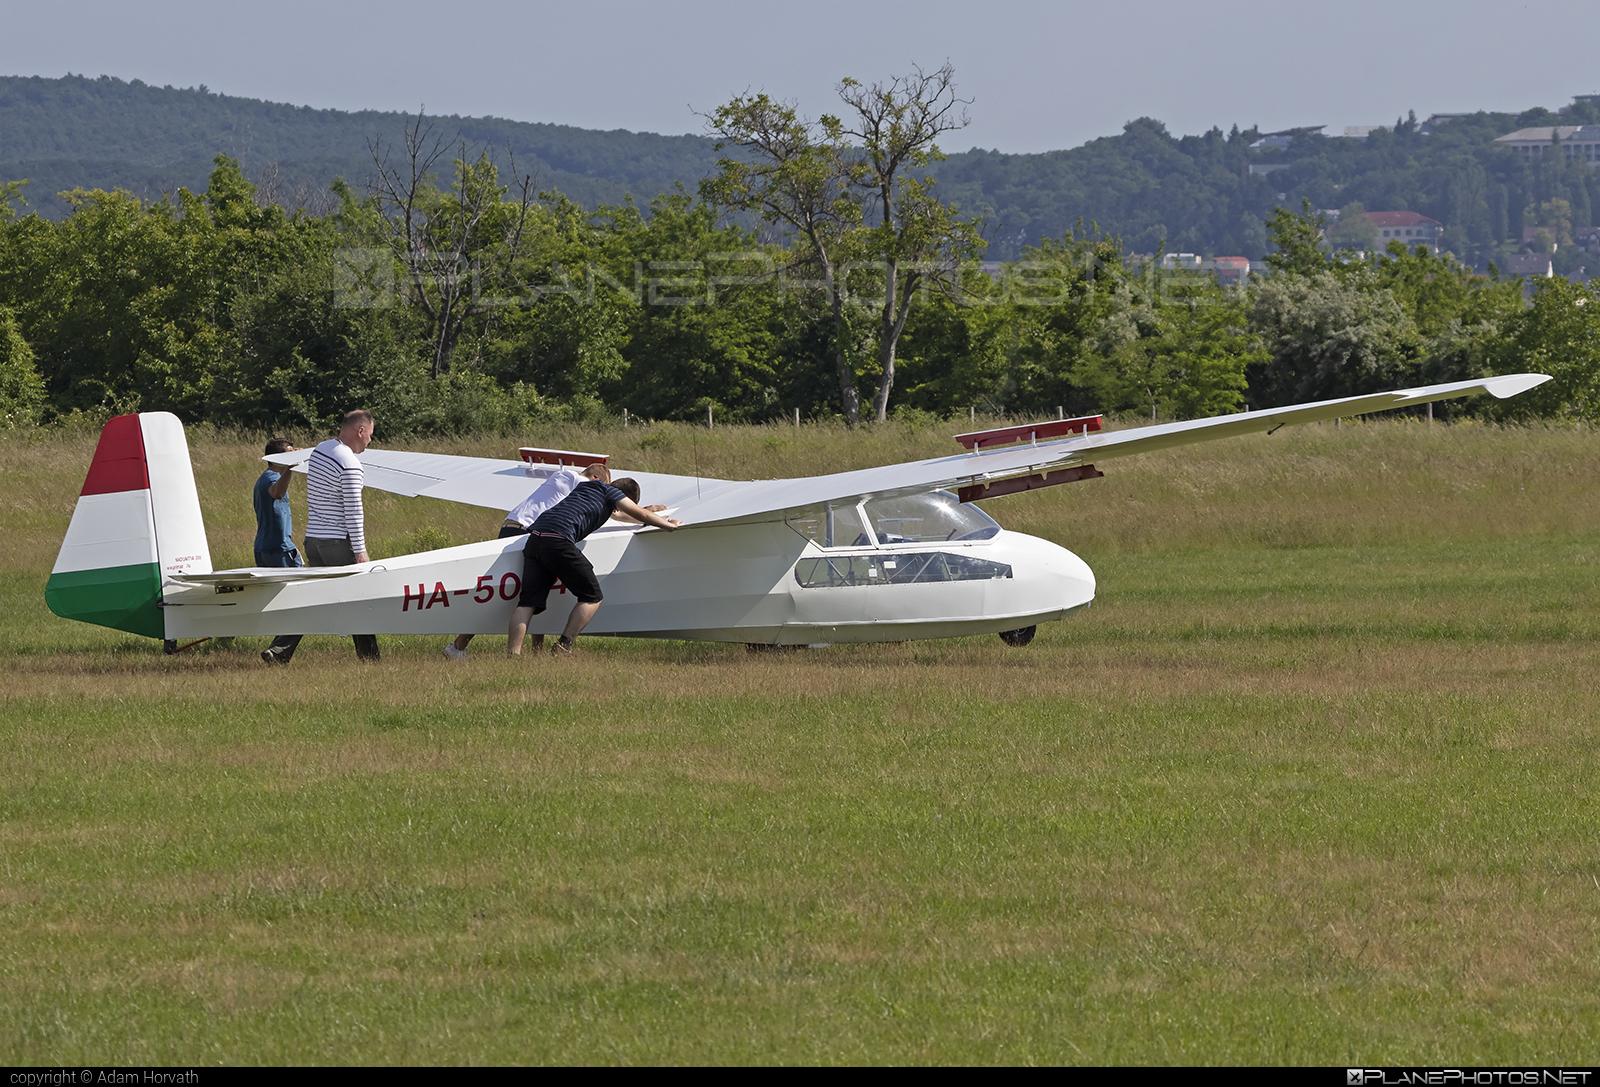 Schleicher K7 Rhönadler - HA-5064 operated by Aeroklub Farkashegy #aeroklubfarkashegy #schleicher